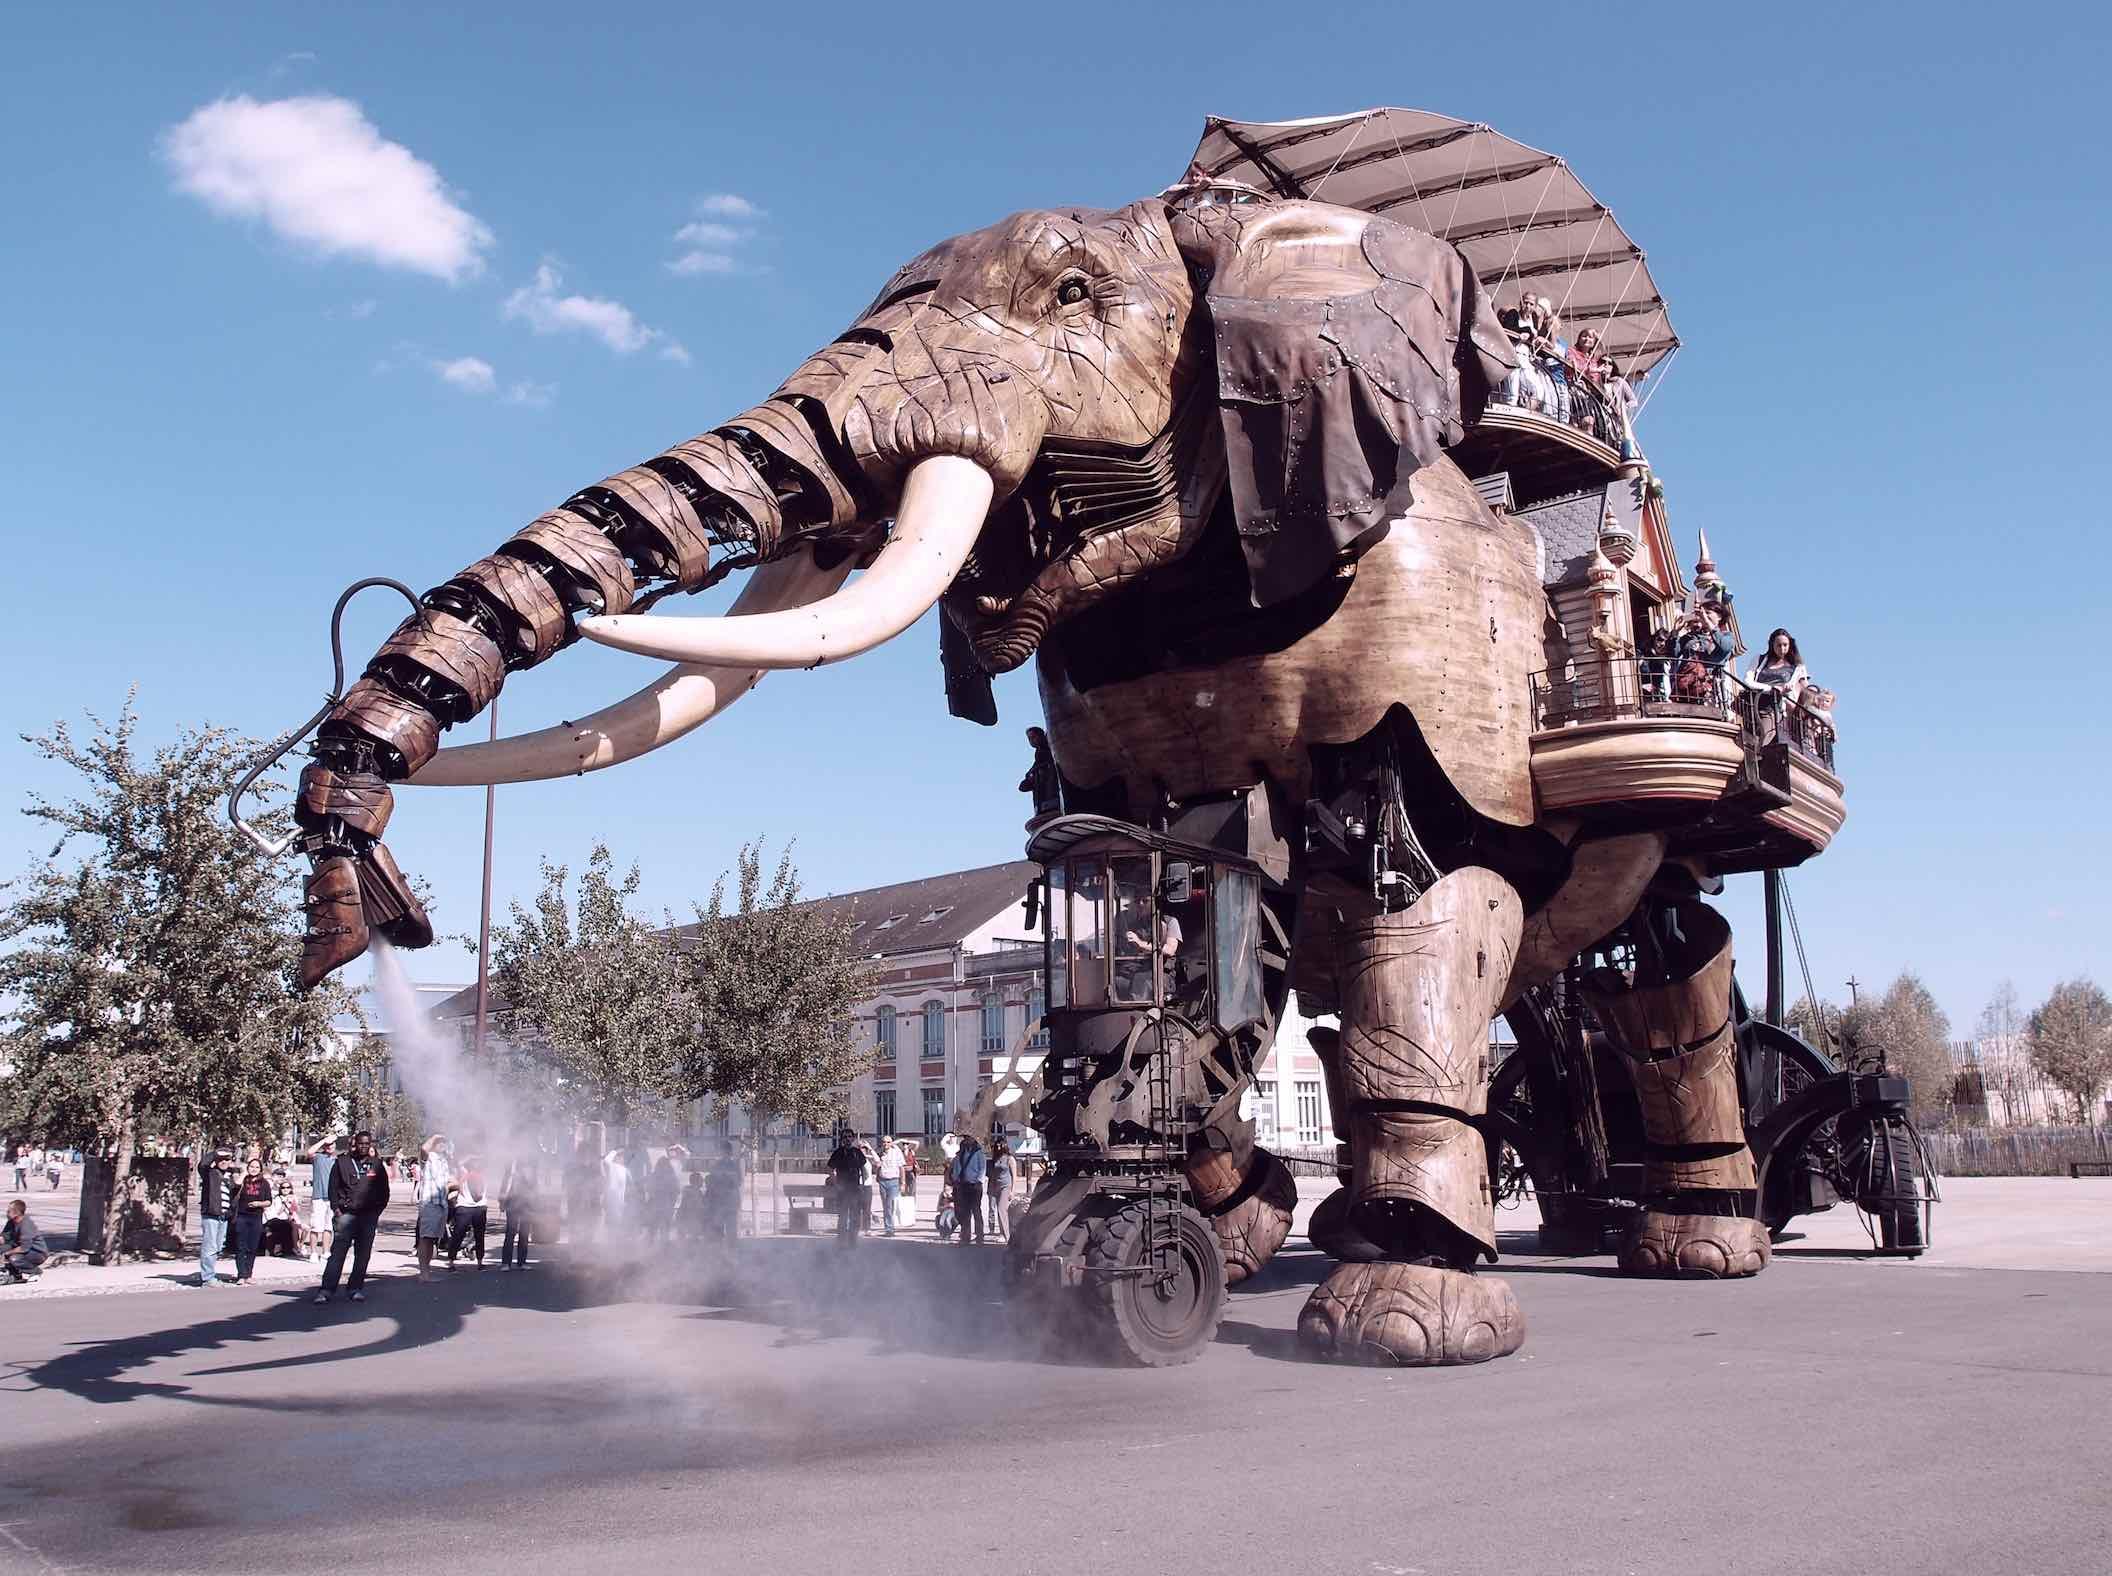 Les origines de l'éléphant nantais